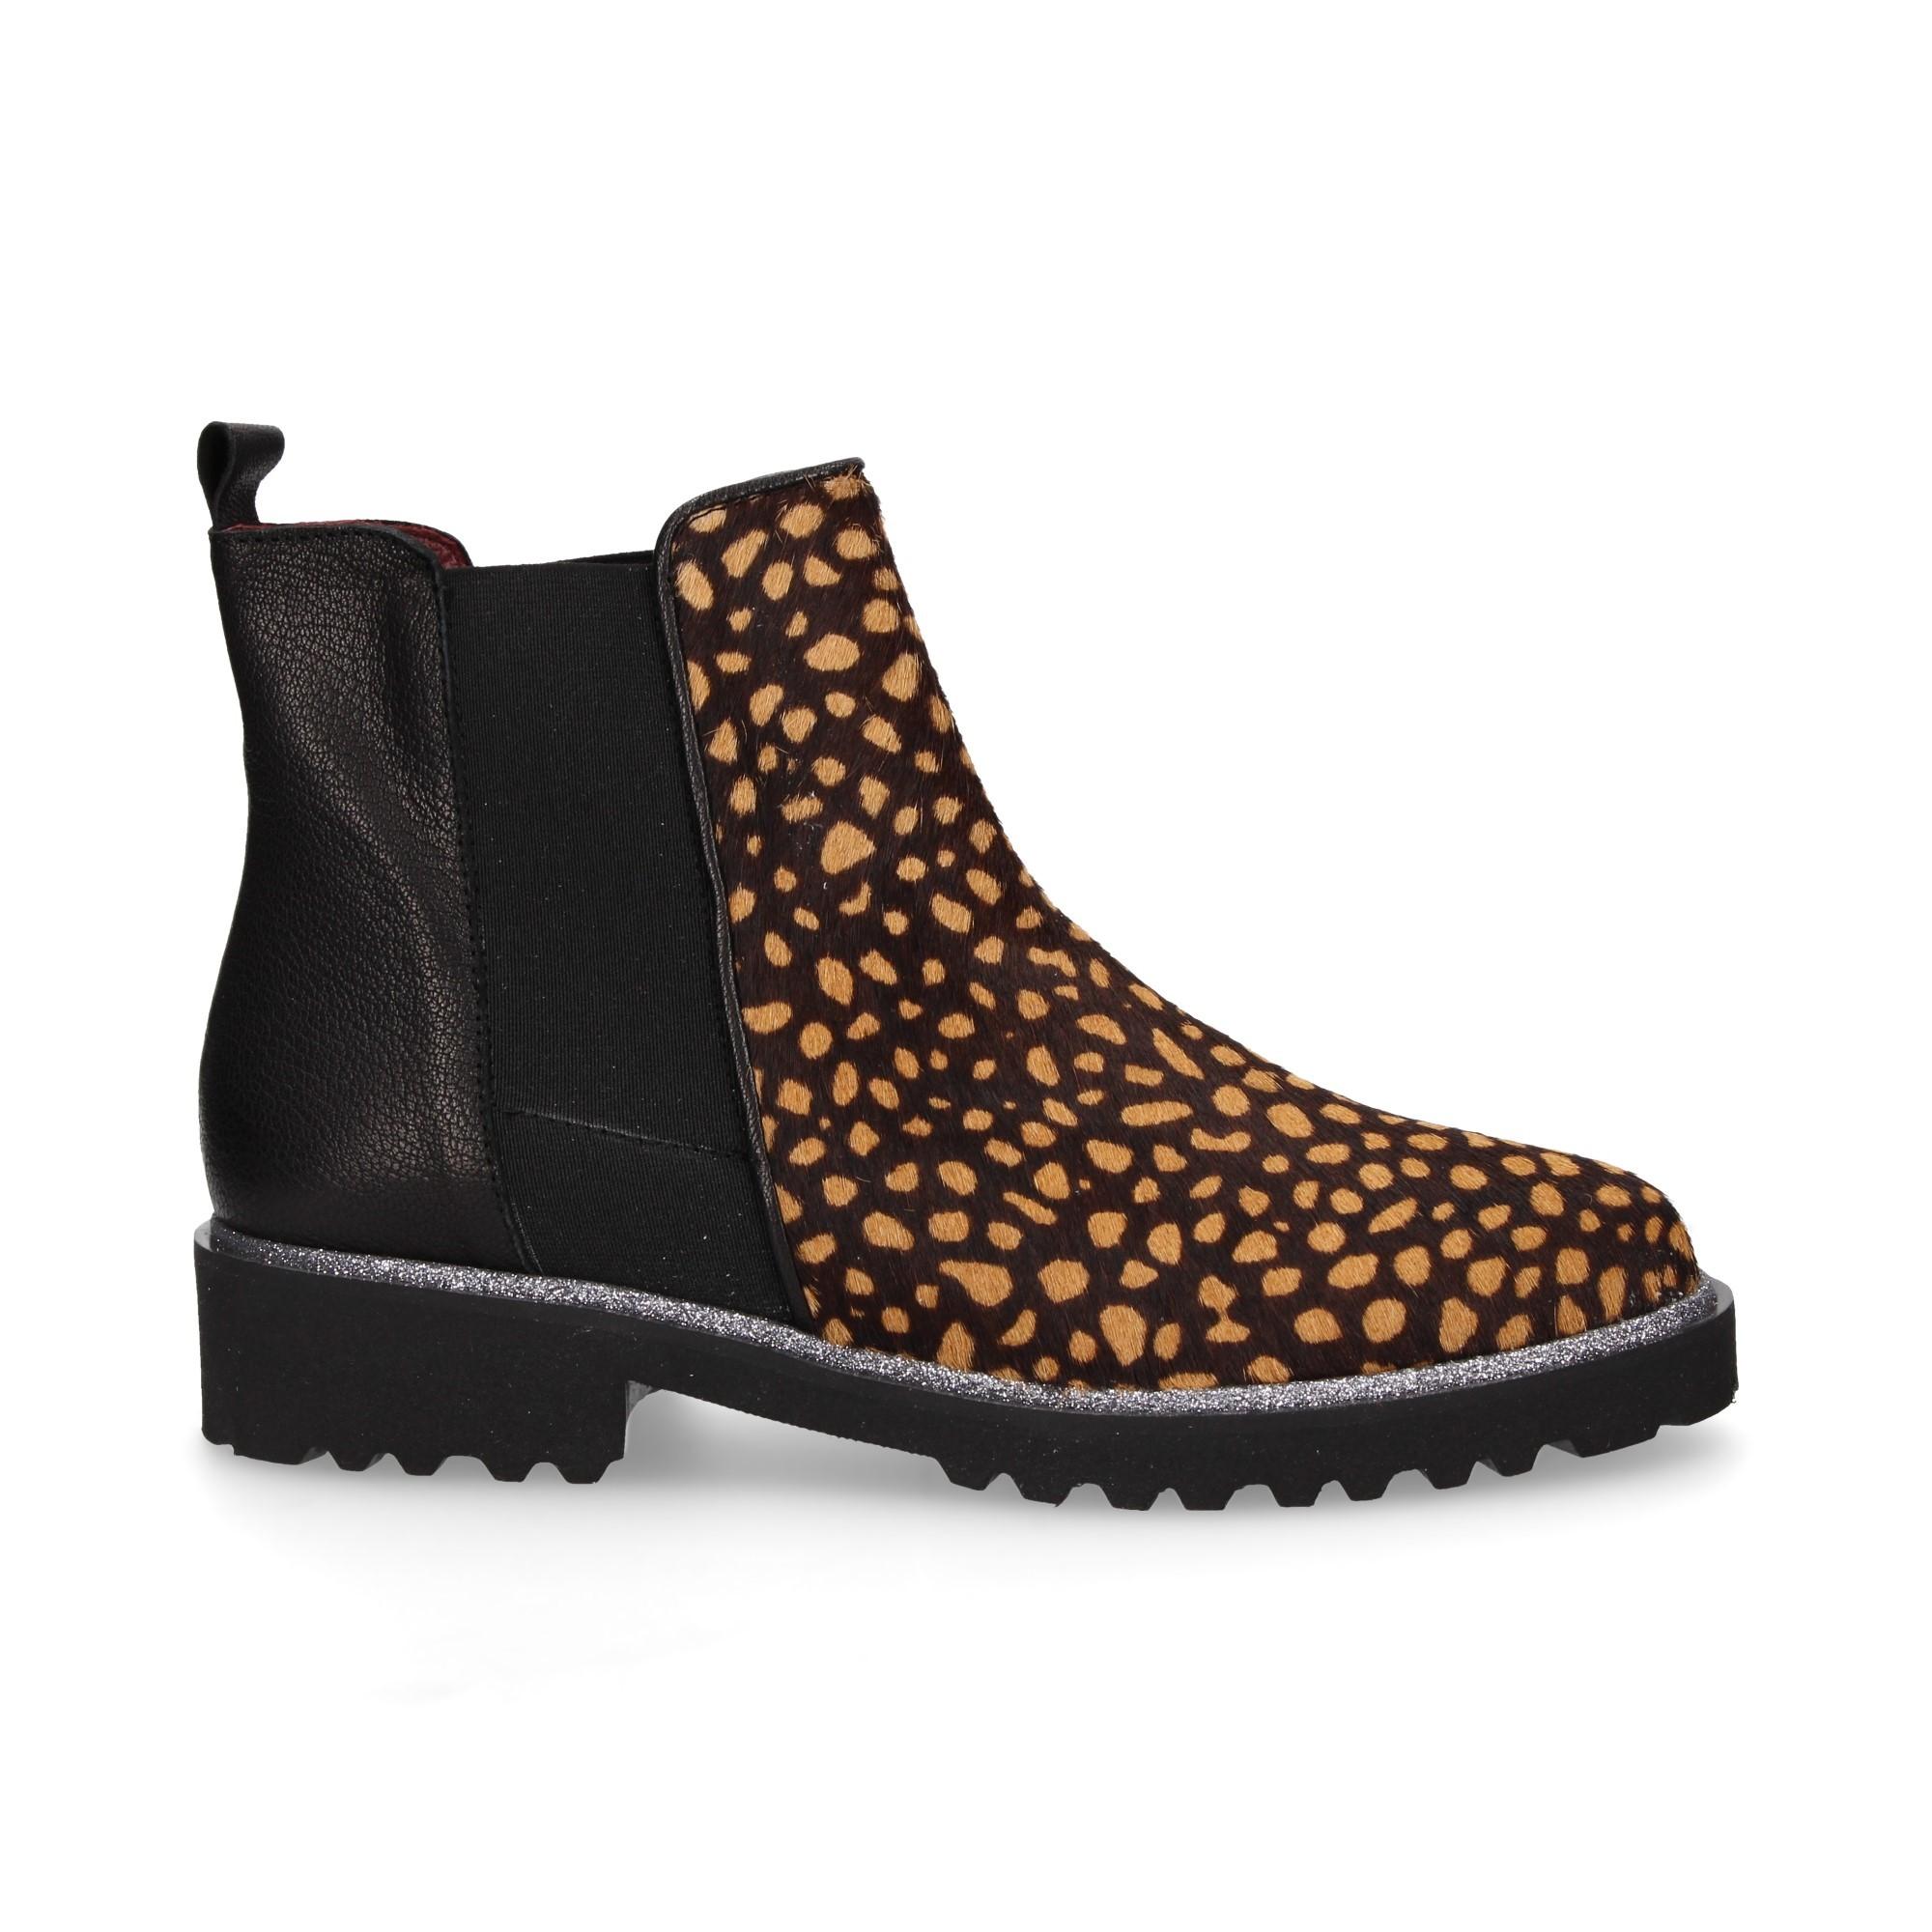 botin-elastico-potro-leopardo-piel-negro